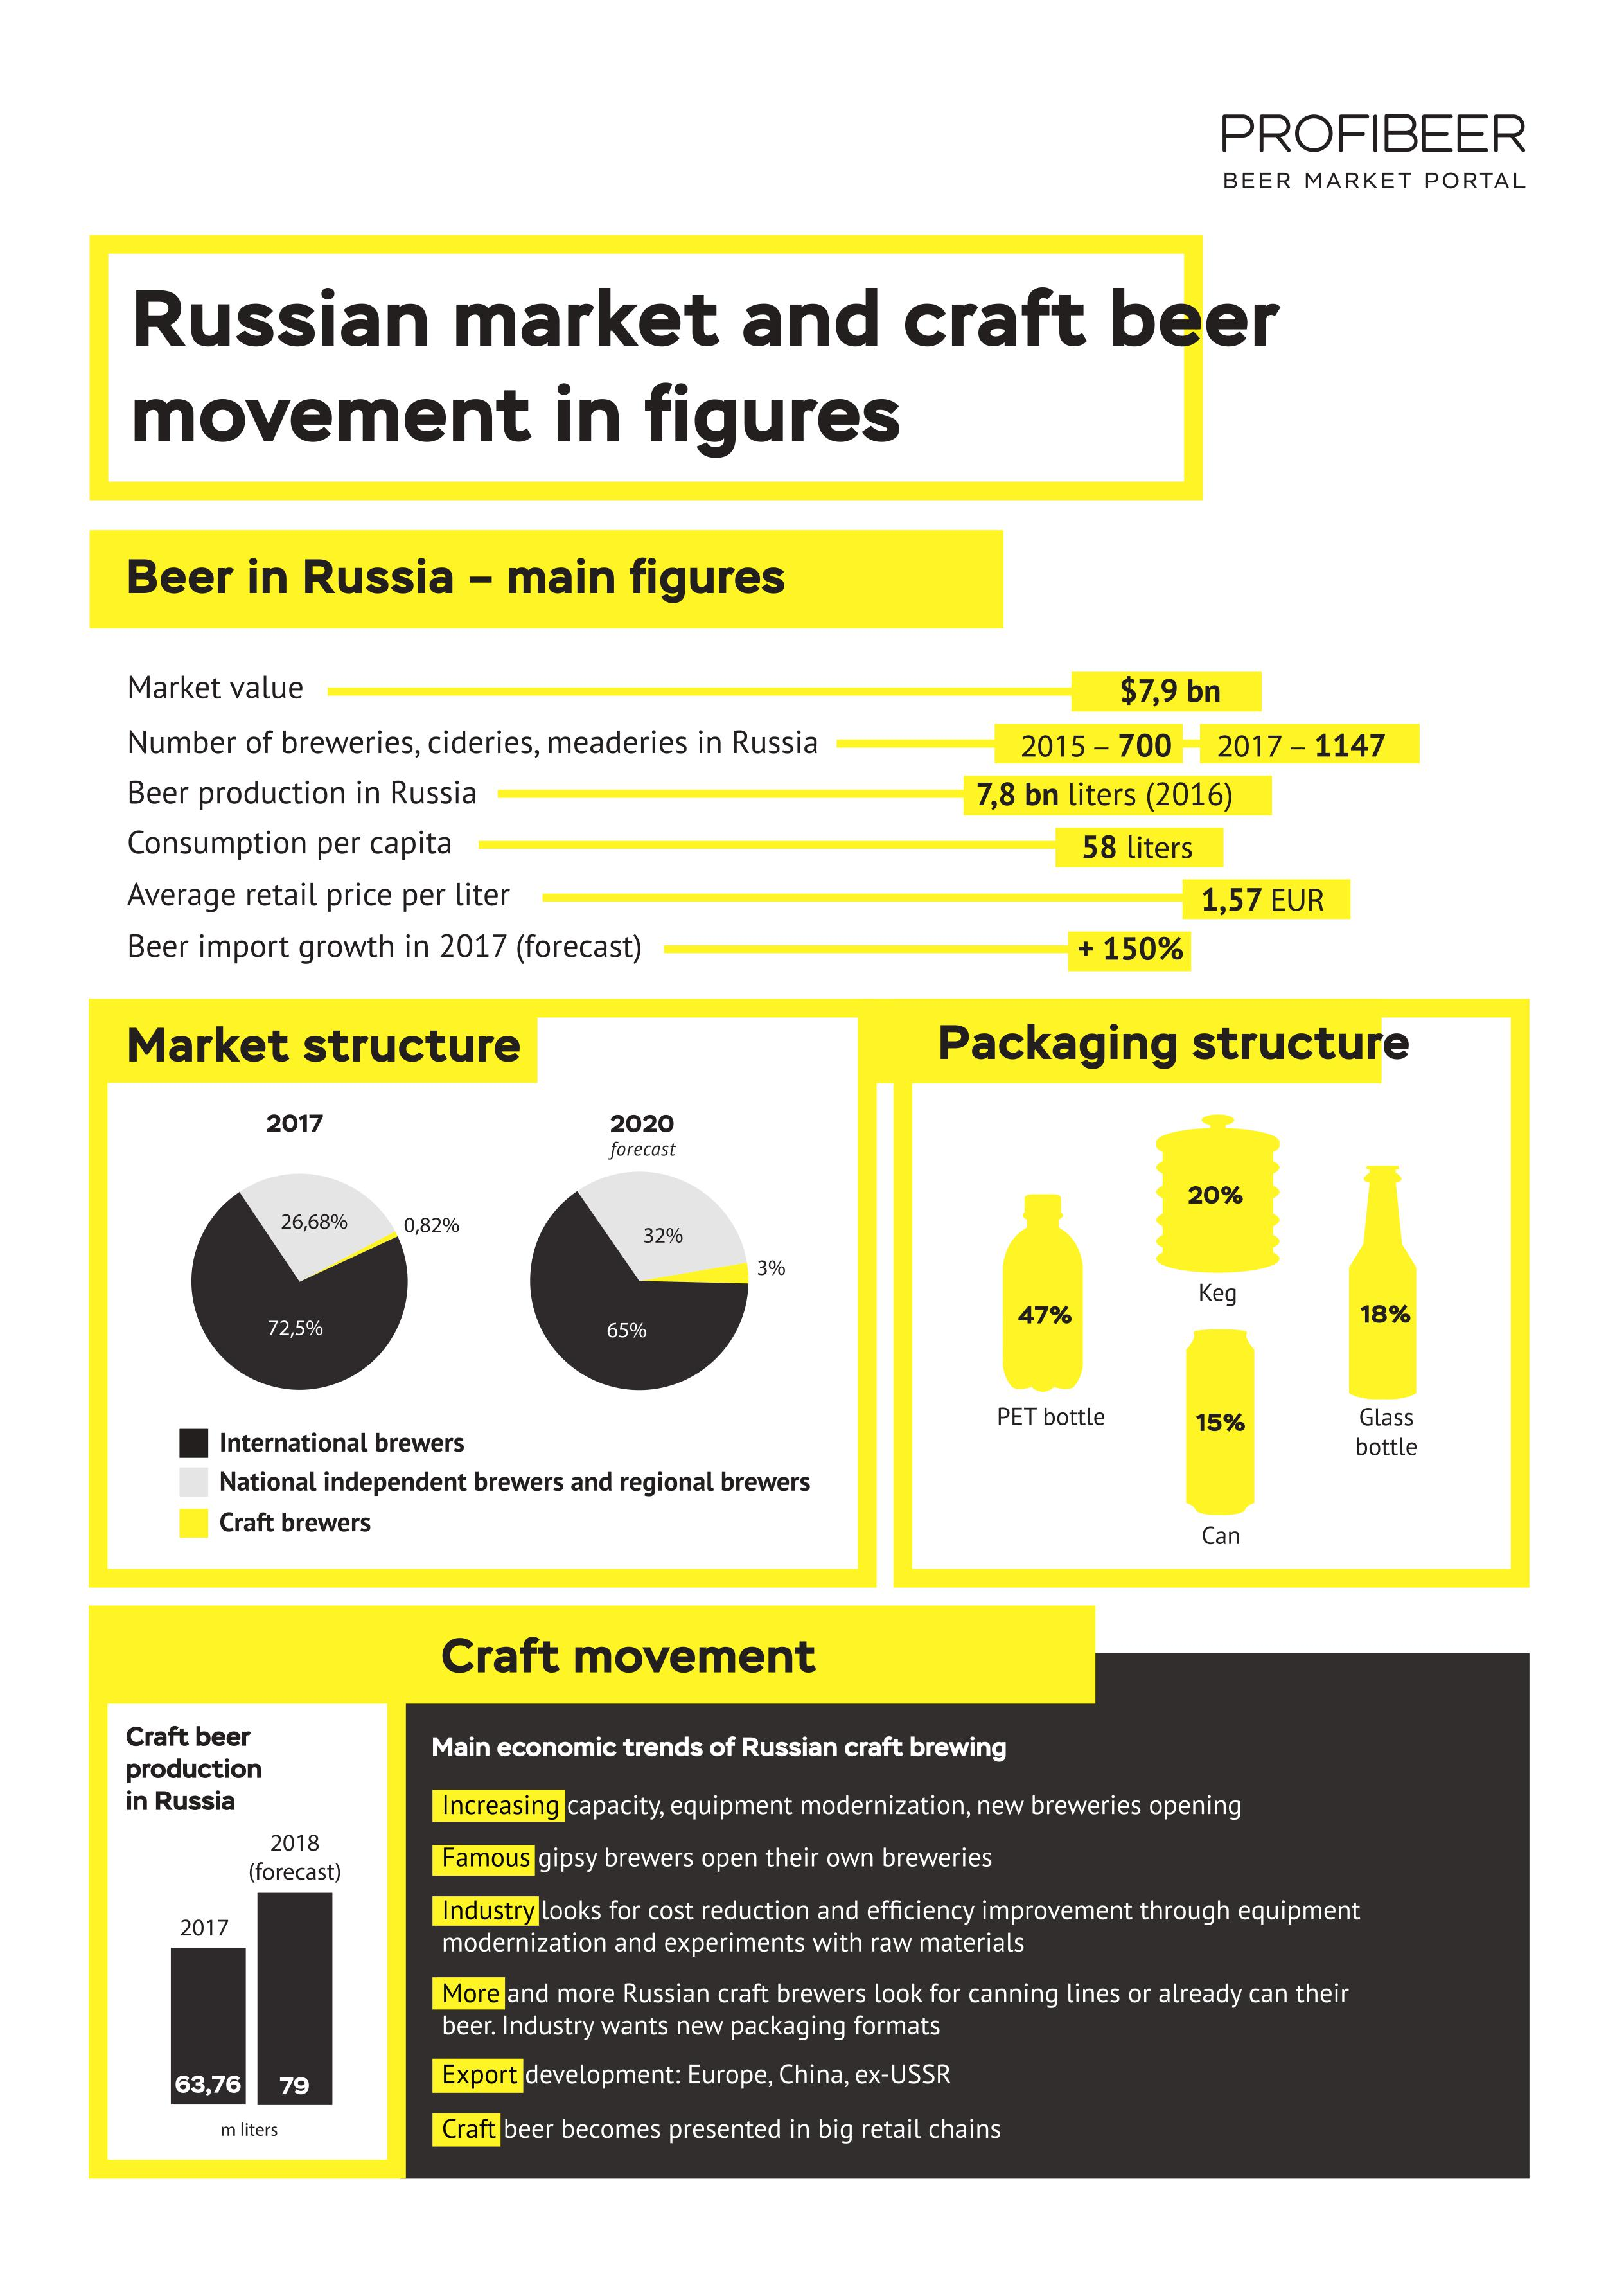 Russian beer market and craft beer movement in figures